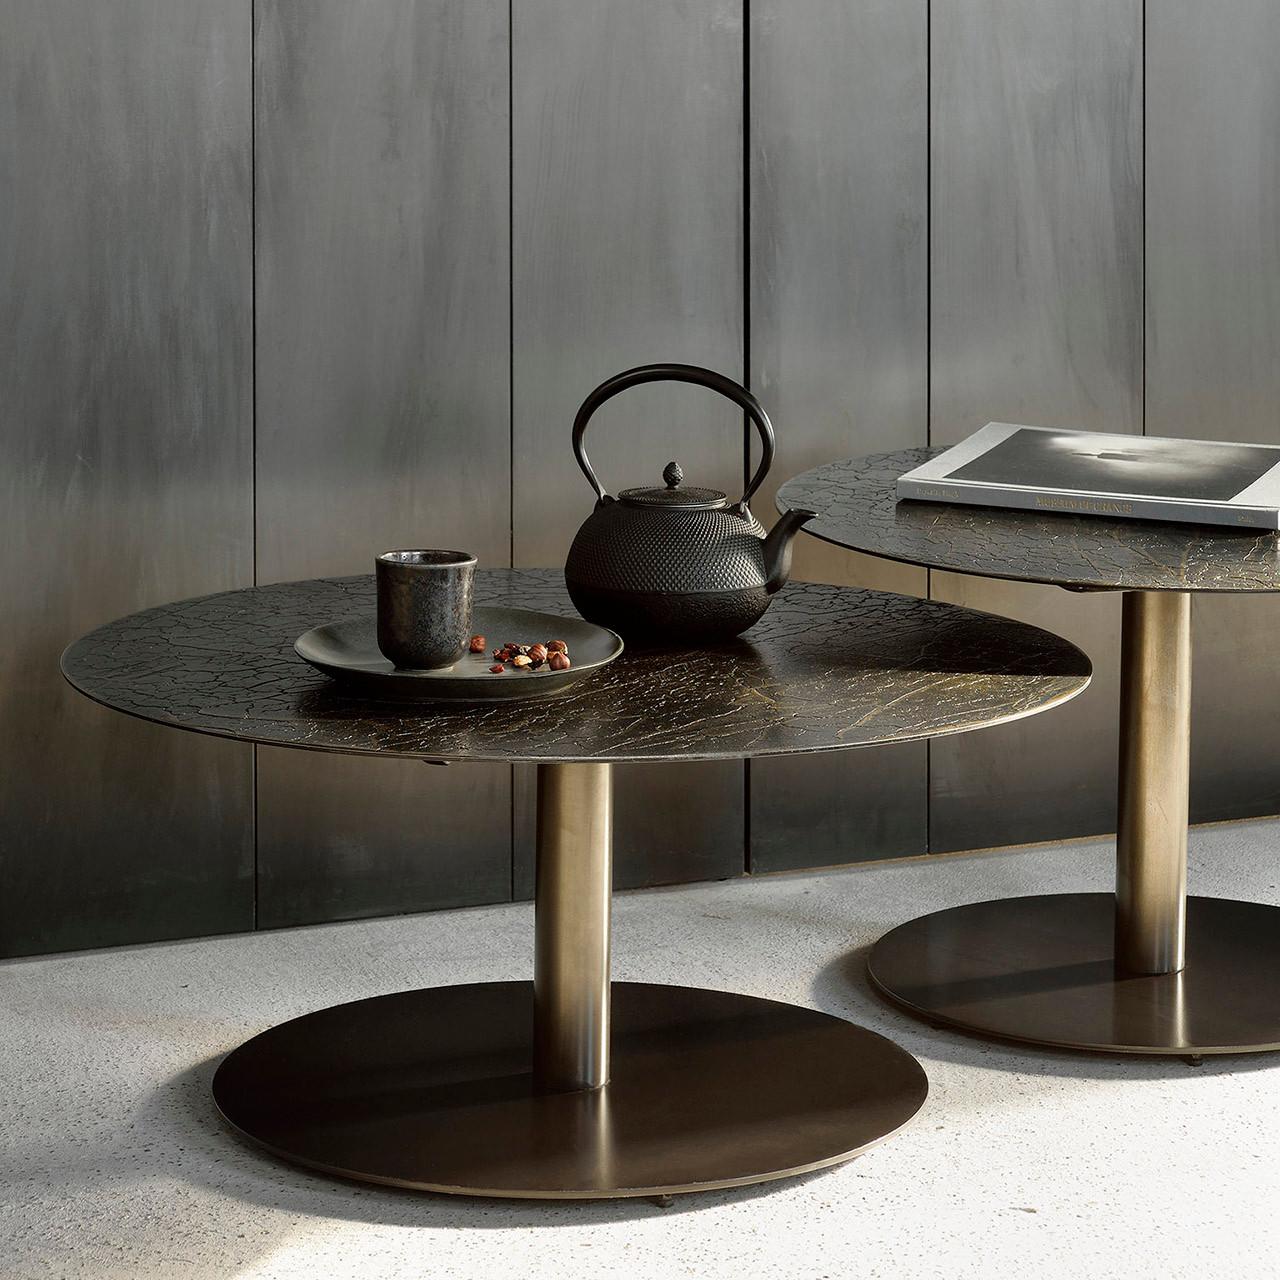 Sphere Coffee table - umber